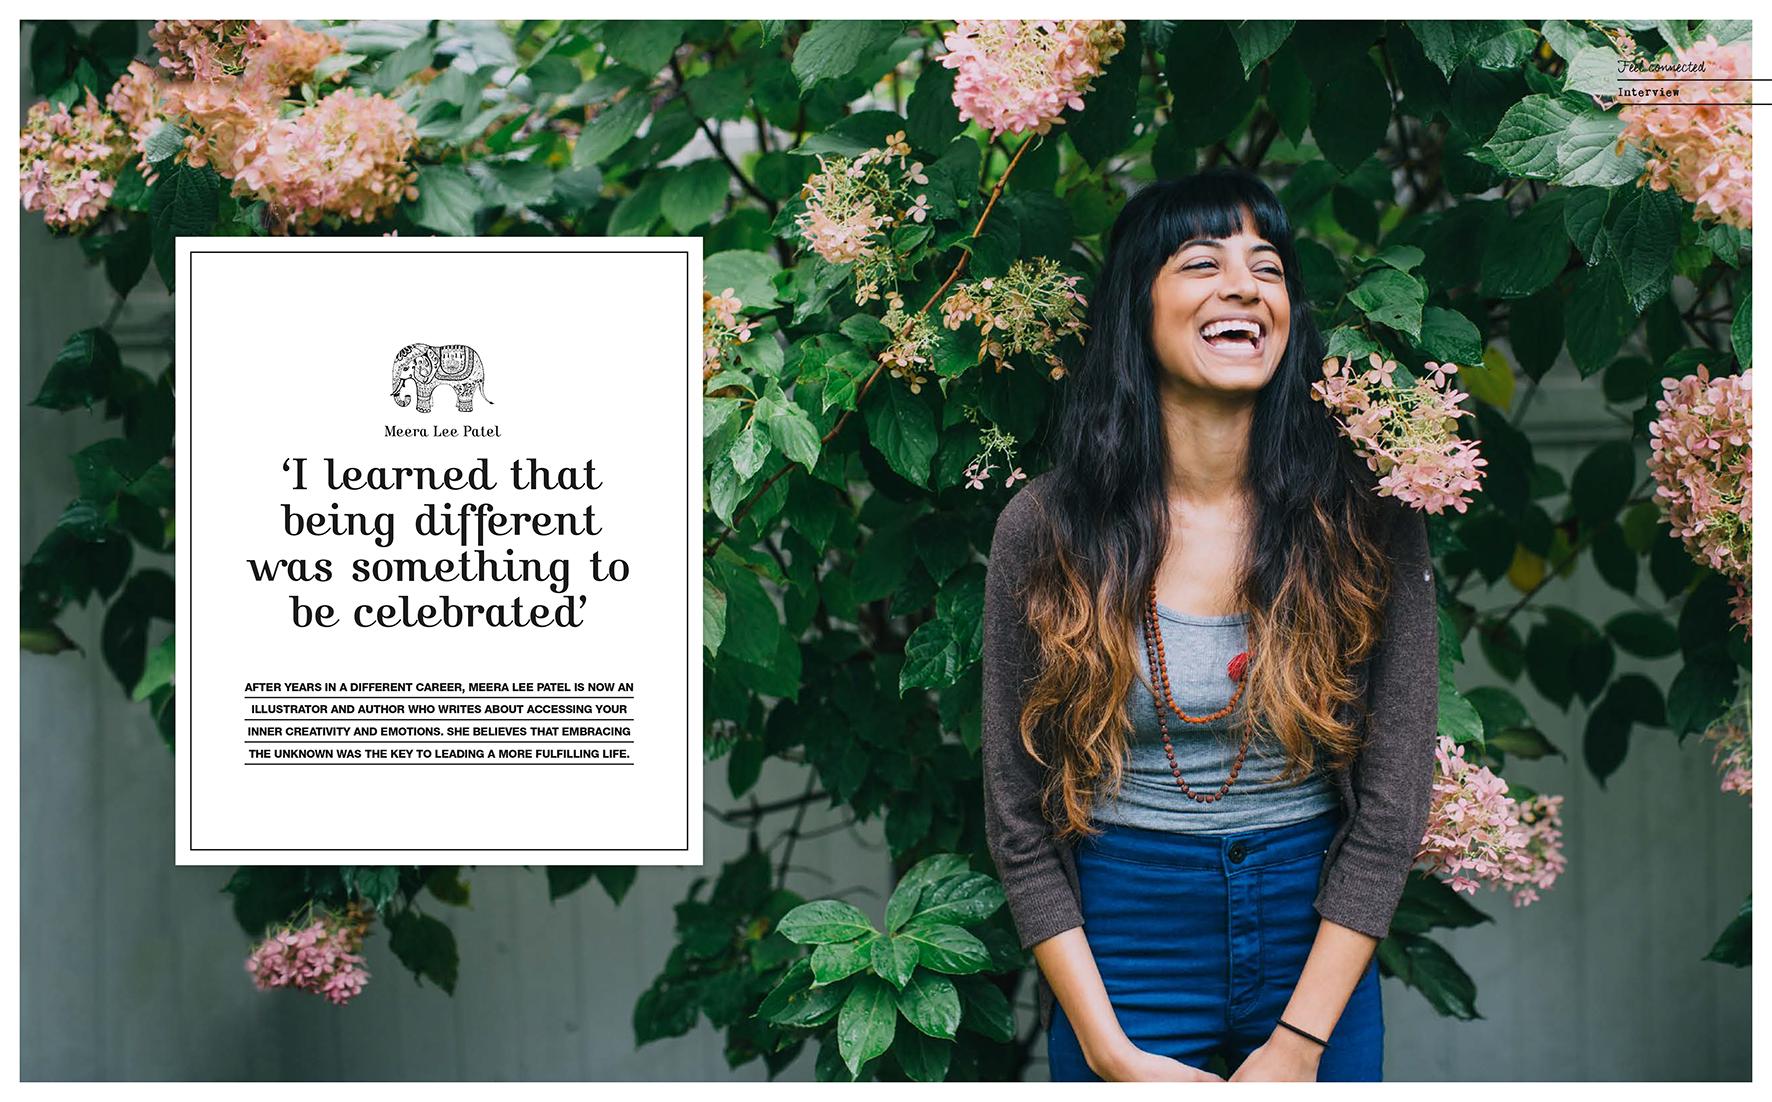 Meera Lee Patel for Flow Magazine